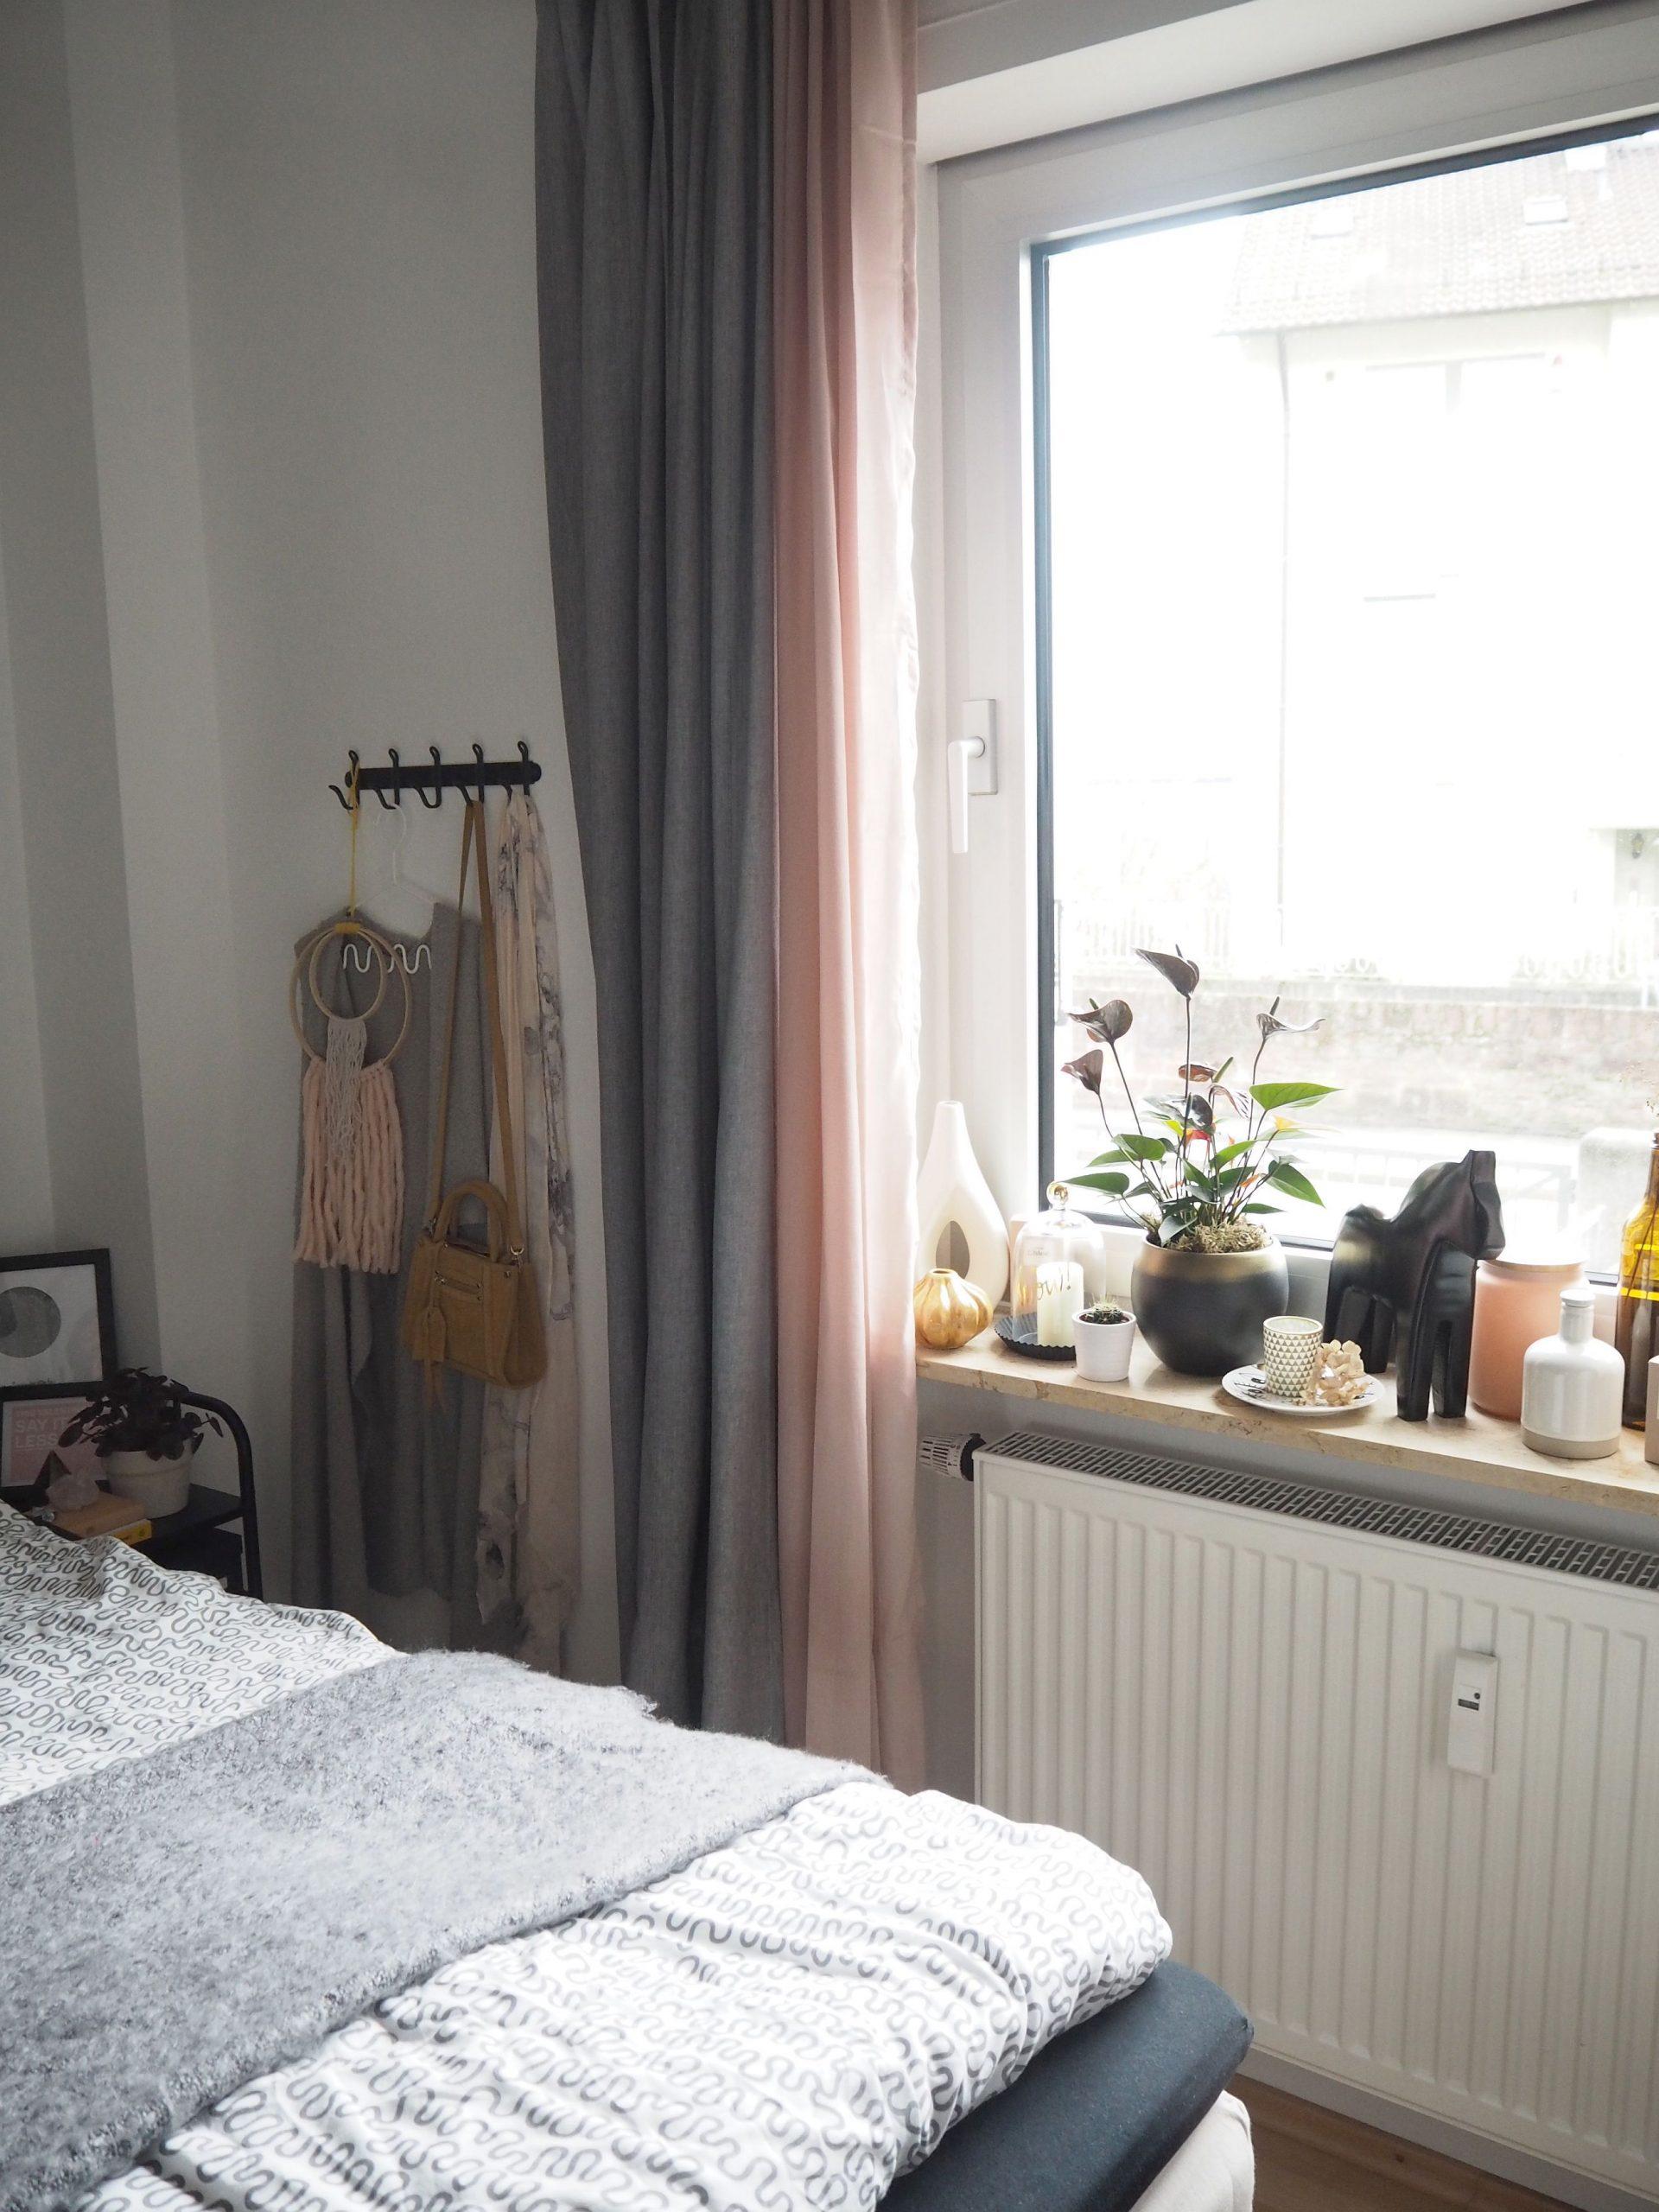 Full Size of Interior Schlafzimmer Deko Fr Fensterbank Skn Och Kreativ Wohnzimmer Dekoration Wanddeko Küche Badezimmer Für Wohnzimmer Deko Fensterbank